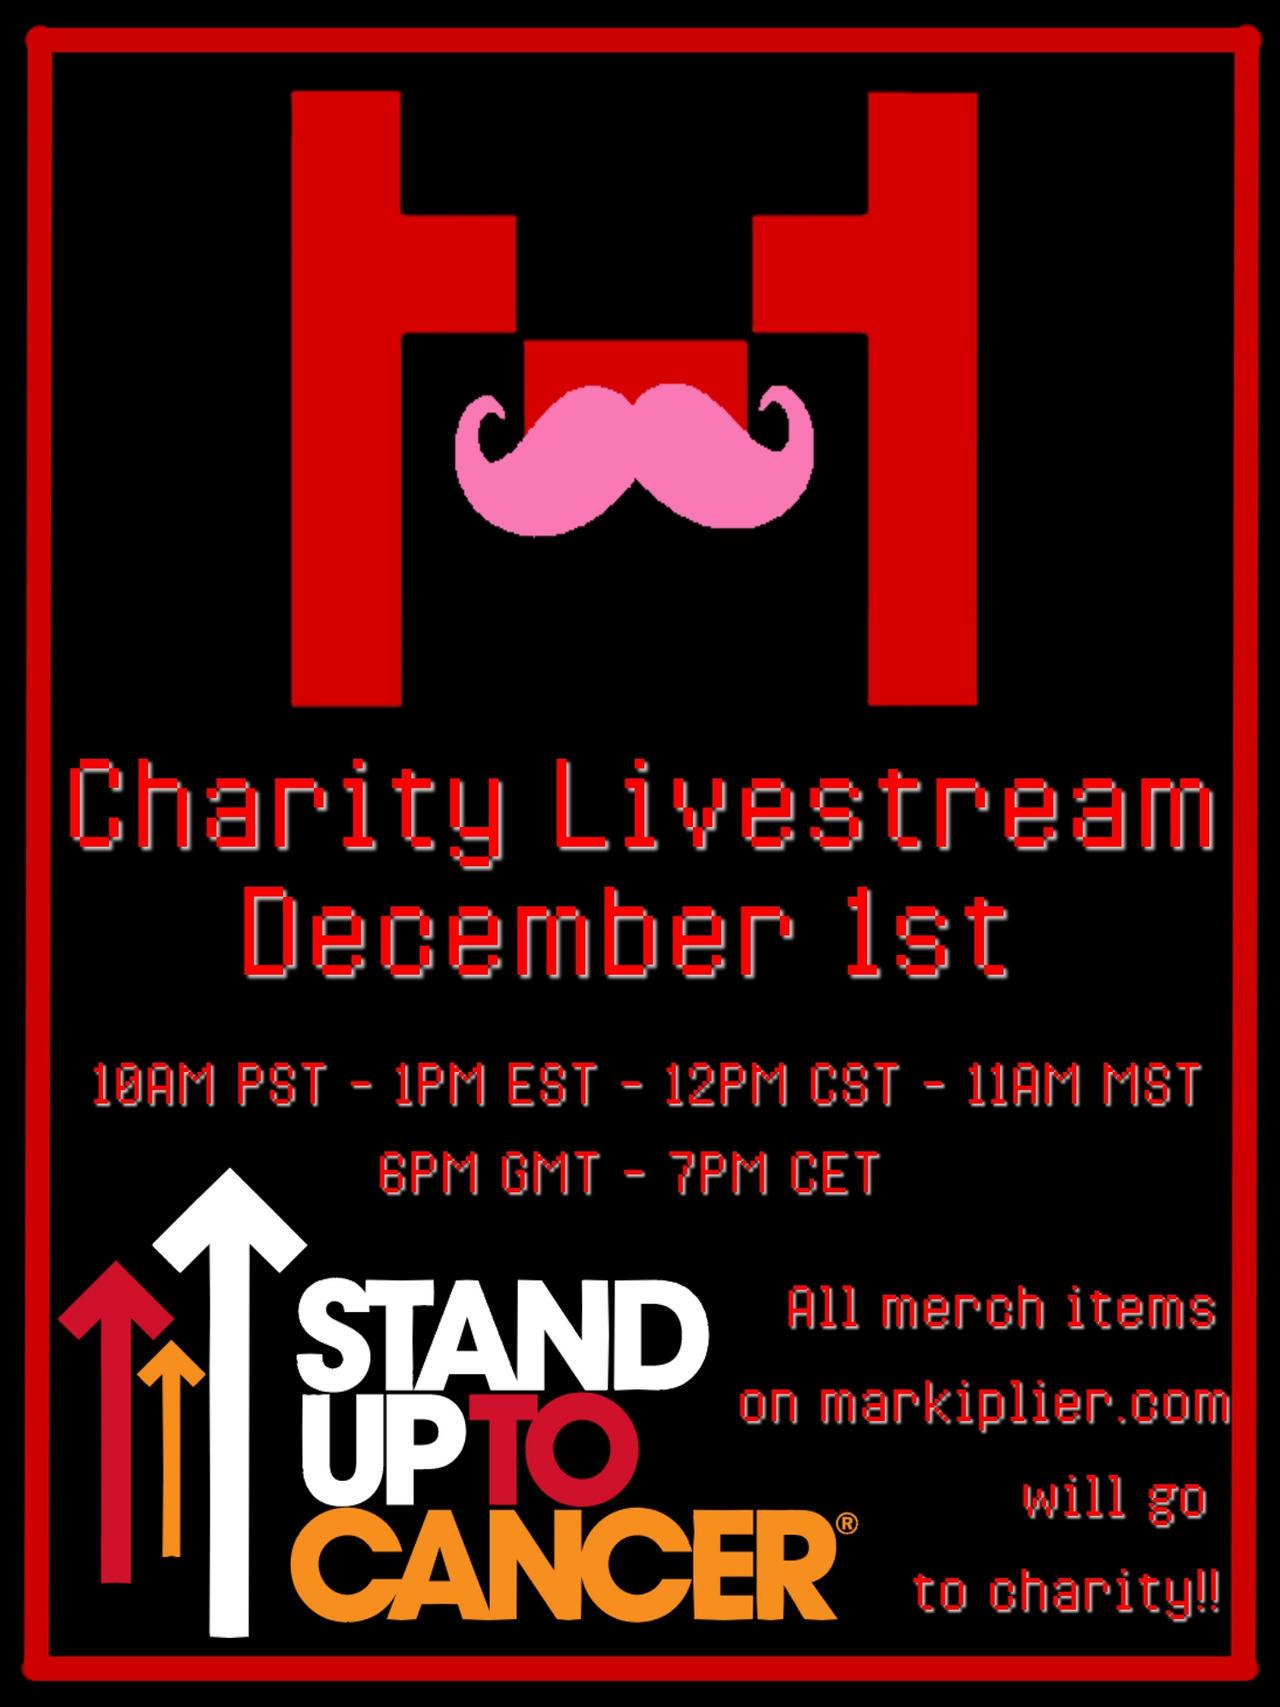 1Pm Pst To Cst markiplier charity livestream december 1stkirauchiha666